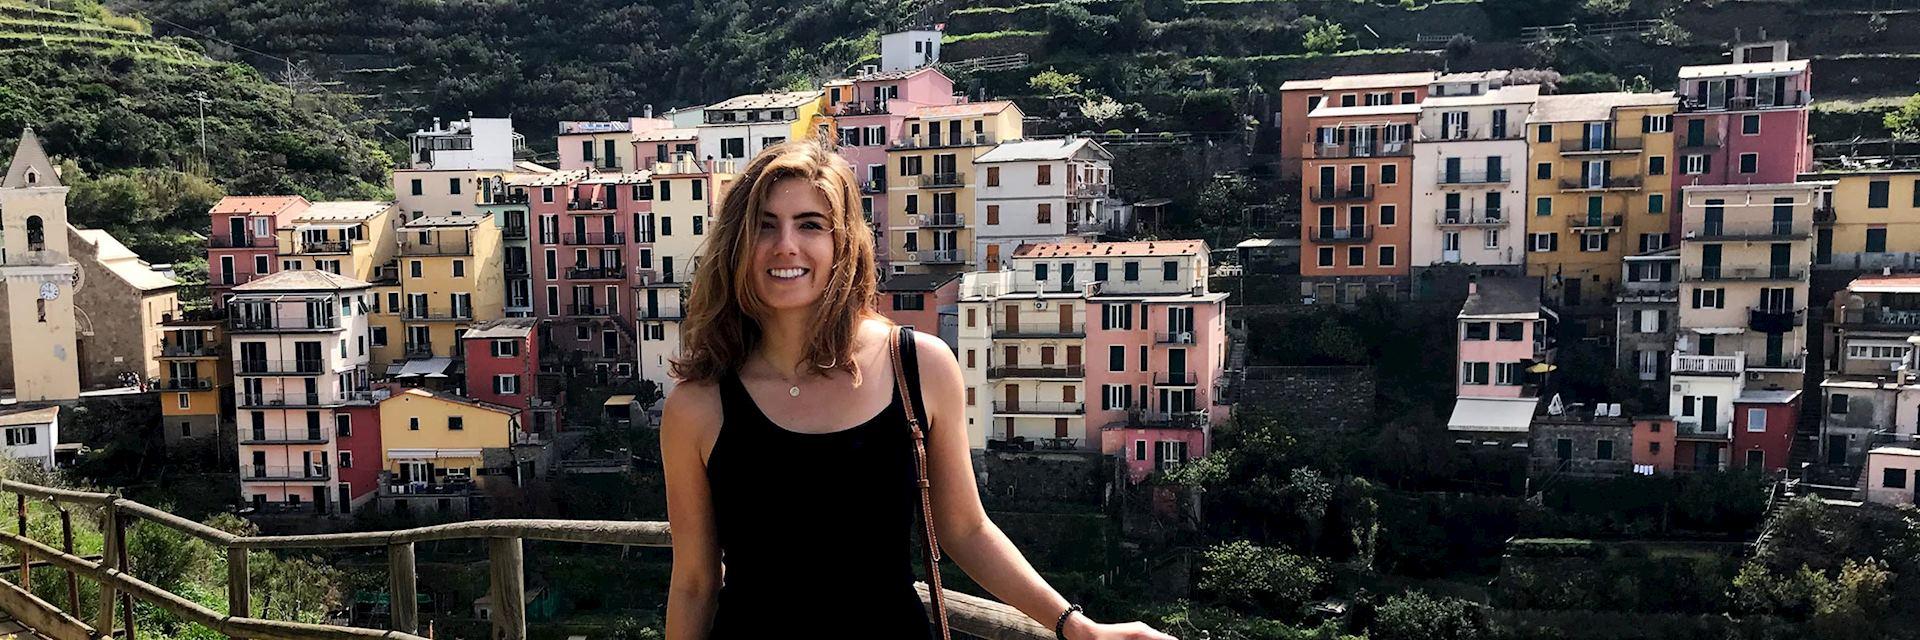 Alanna in Manrola, Cinque Terre, Italy